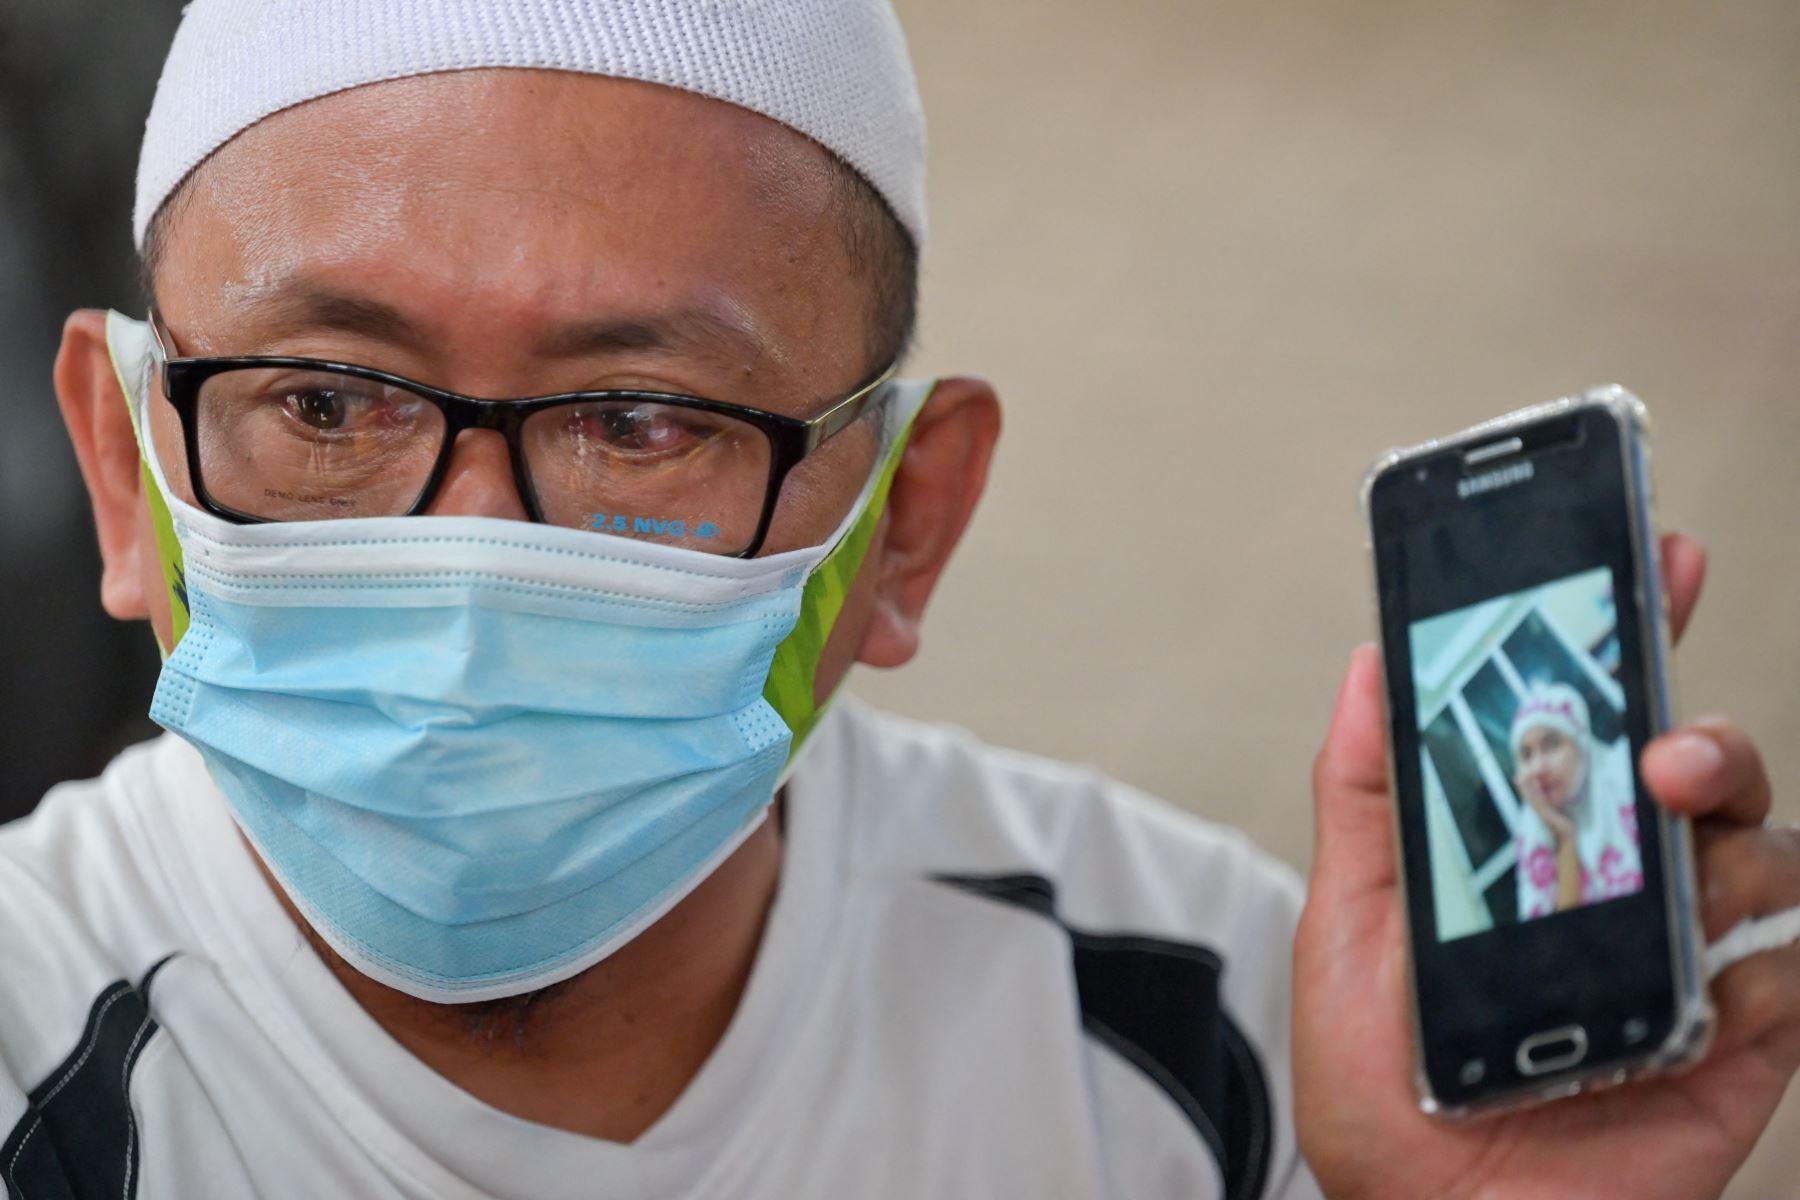 Rafik Al-Idrus muestra una foto de su esposa, una de las 62 personas a bordo del vuelo SJ182 de Sriwijaya Air que se estrelló poco después del despegue el 9 de enero. Foto: AFP